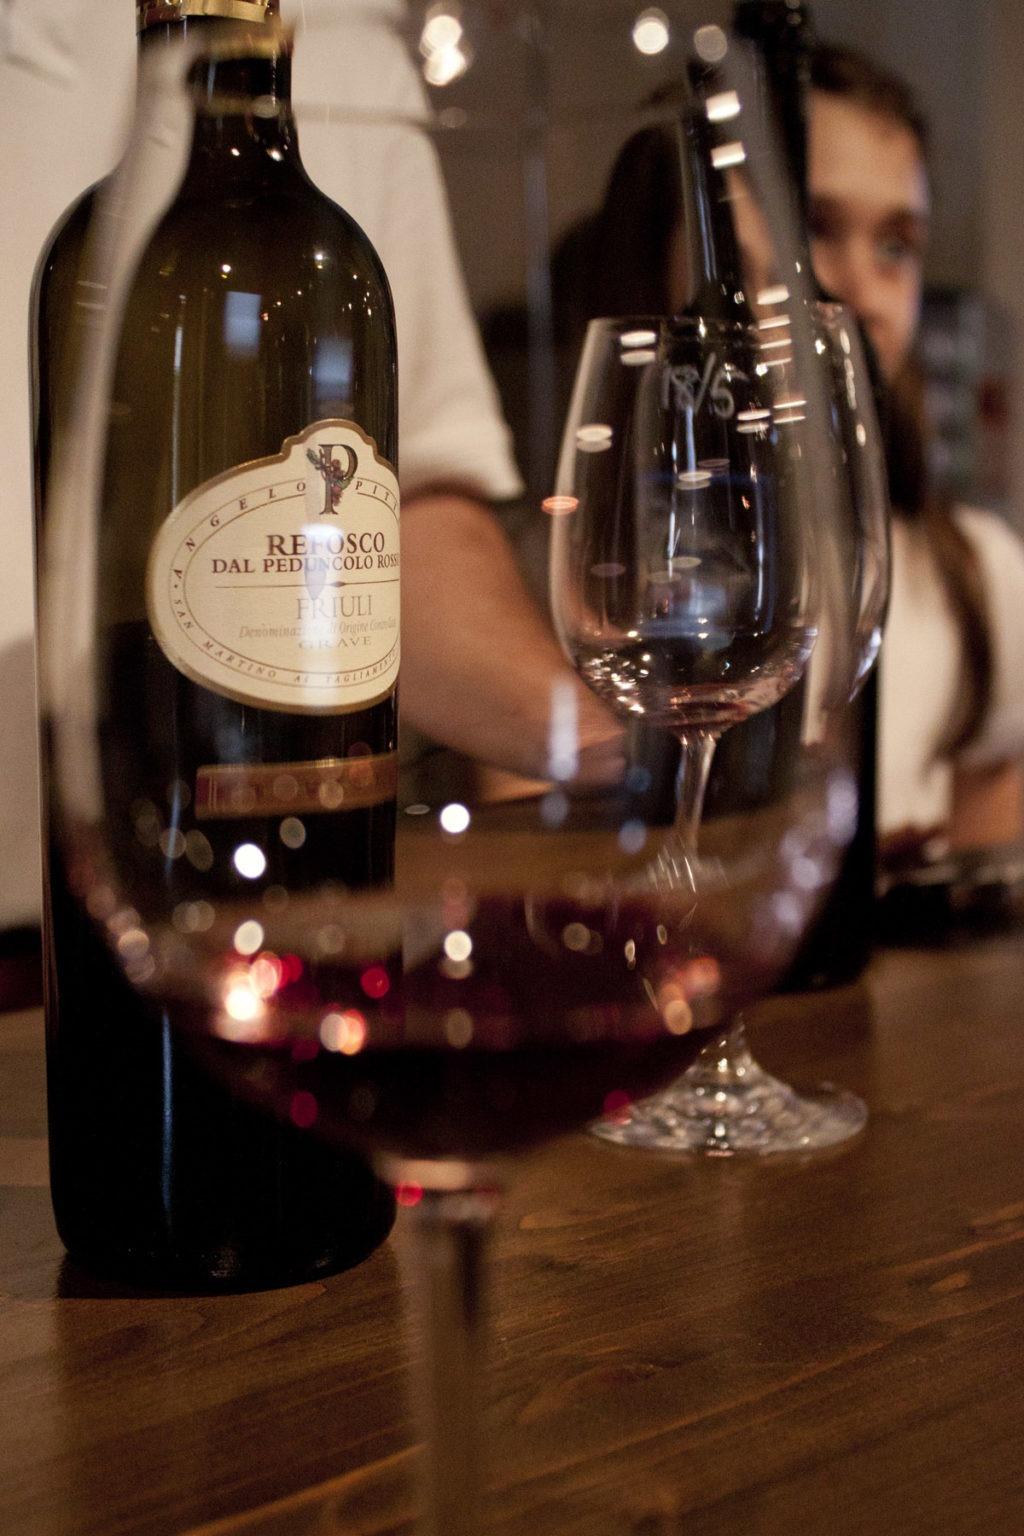 Вина Словении - элитное вино Рефоско